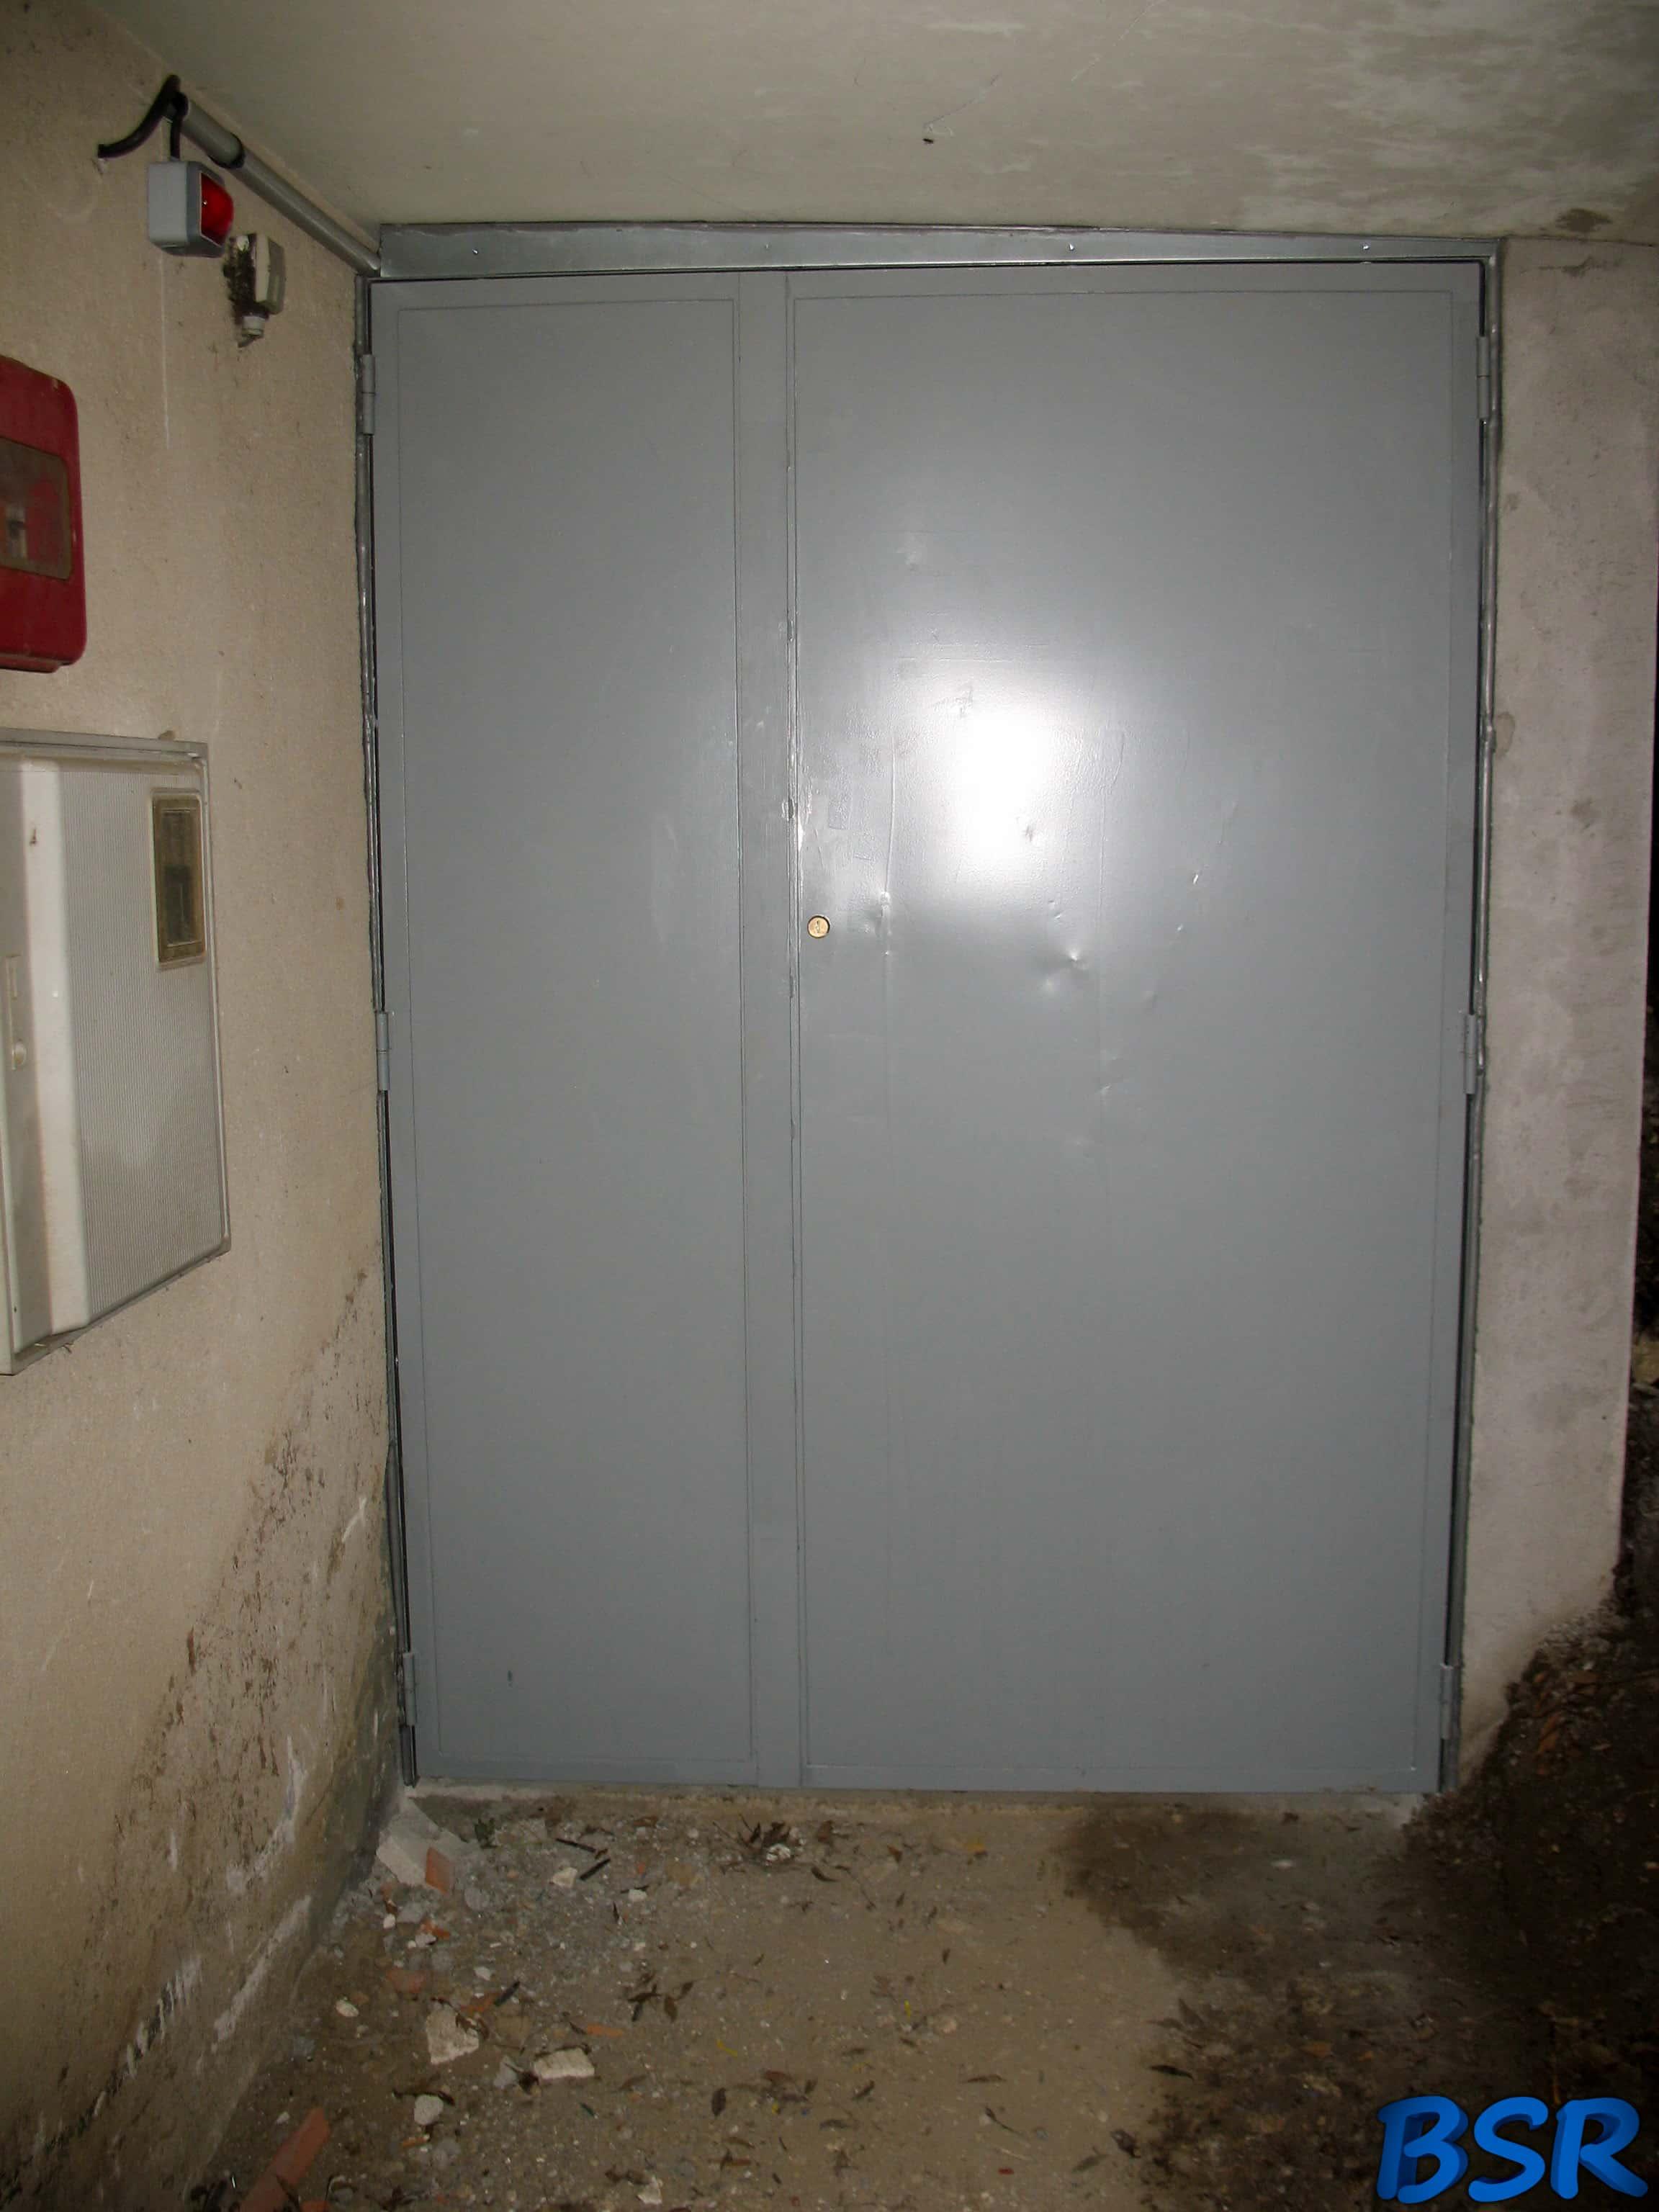 Porte et fenêtre Acier BSR 011